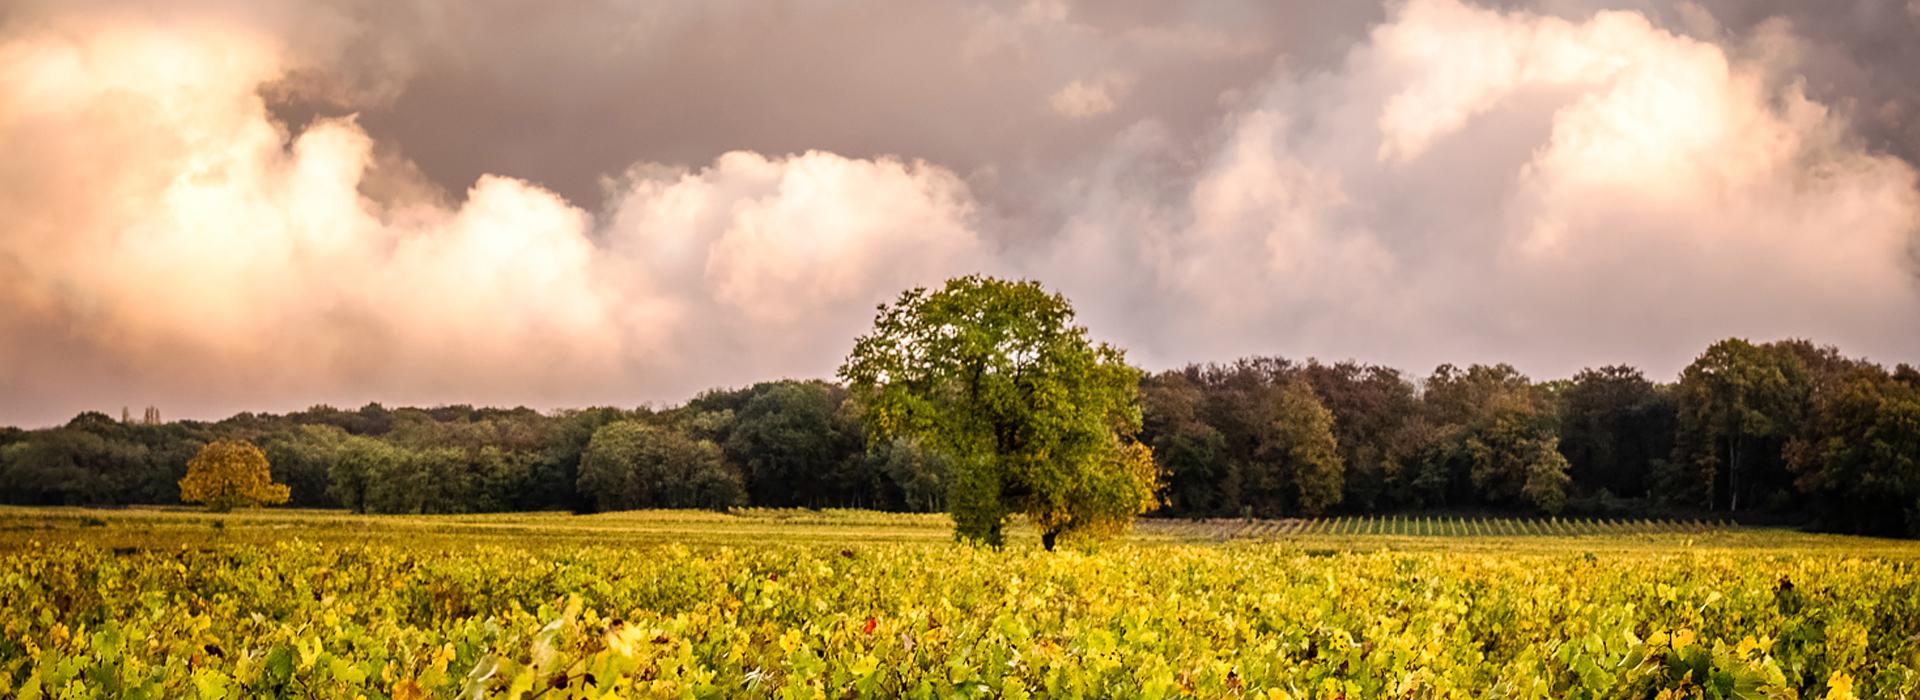 Vignes en agriculture biologique dans l'appellation Saumur Champigny